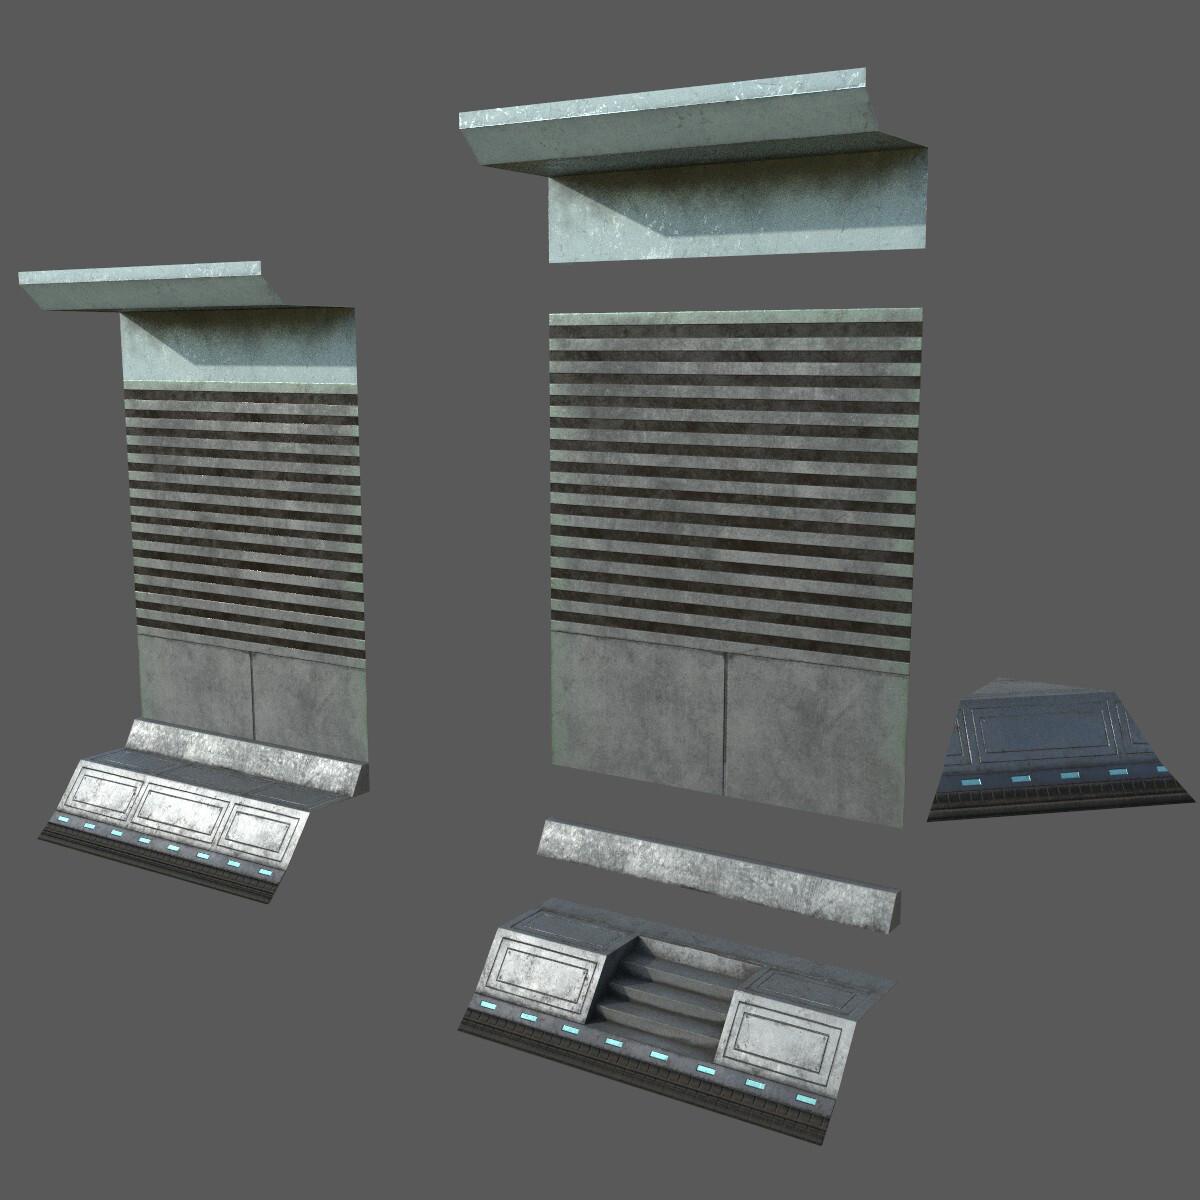 Glen manalo texture01 02 3